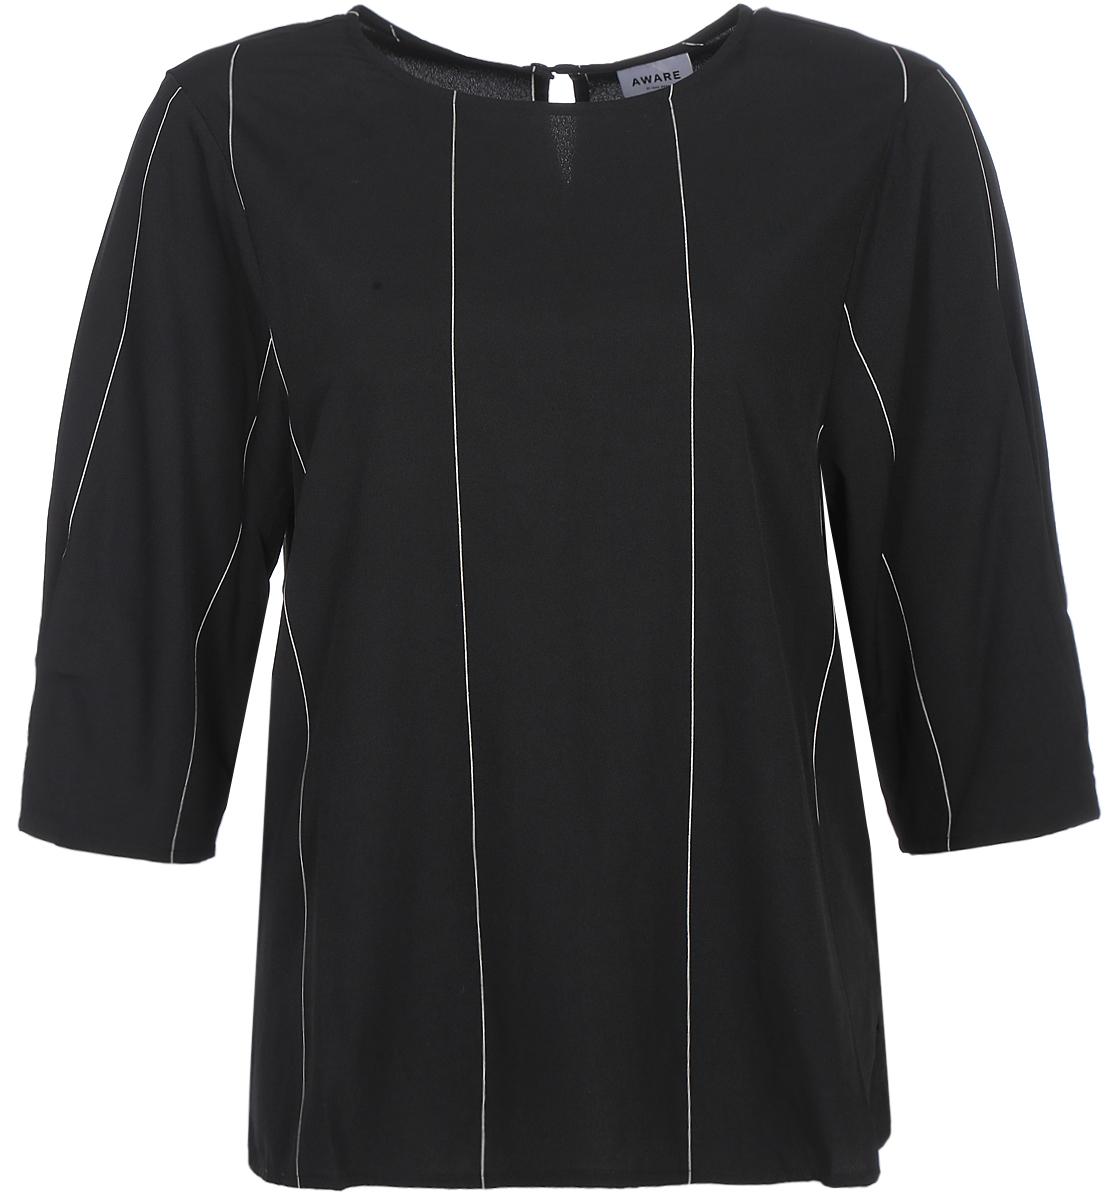 Блузка женская Vero Moda, цвет: черный. 10187952_Black. Размер 42/44 блузка женская vero moda цвет черный 10187780 black размер 42 44